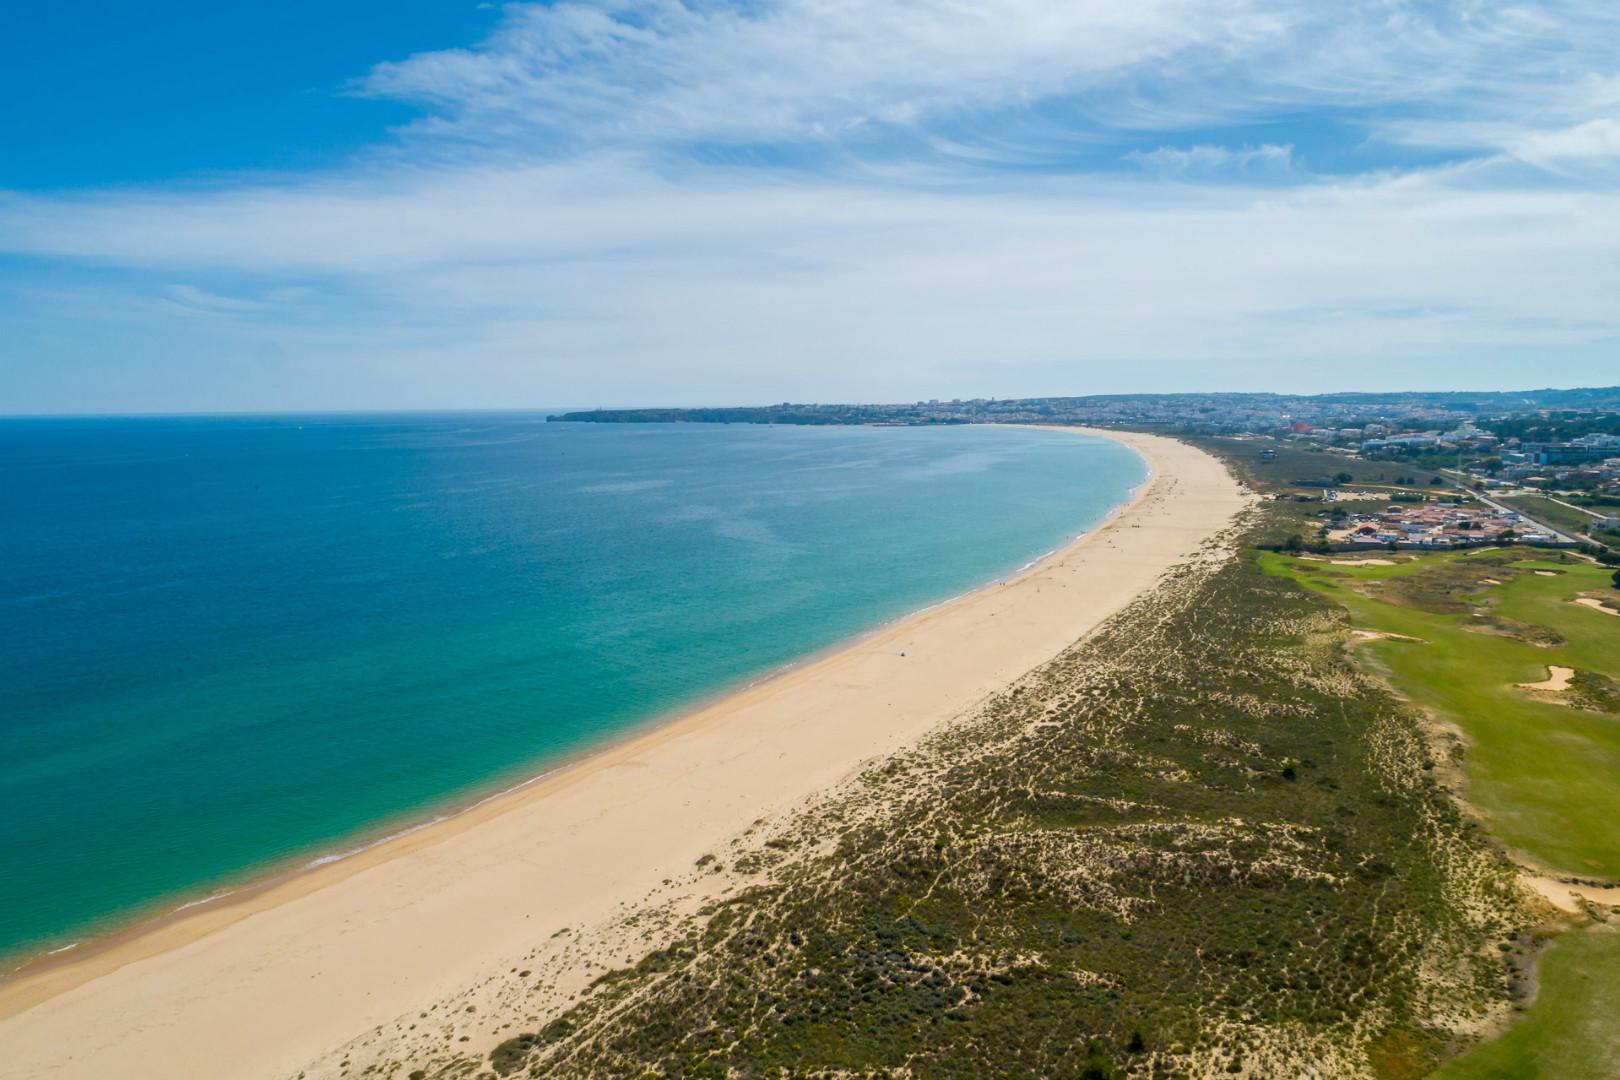 Aerial view from a beach near Palmares